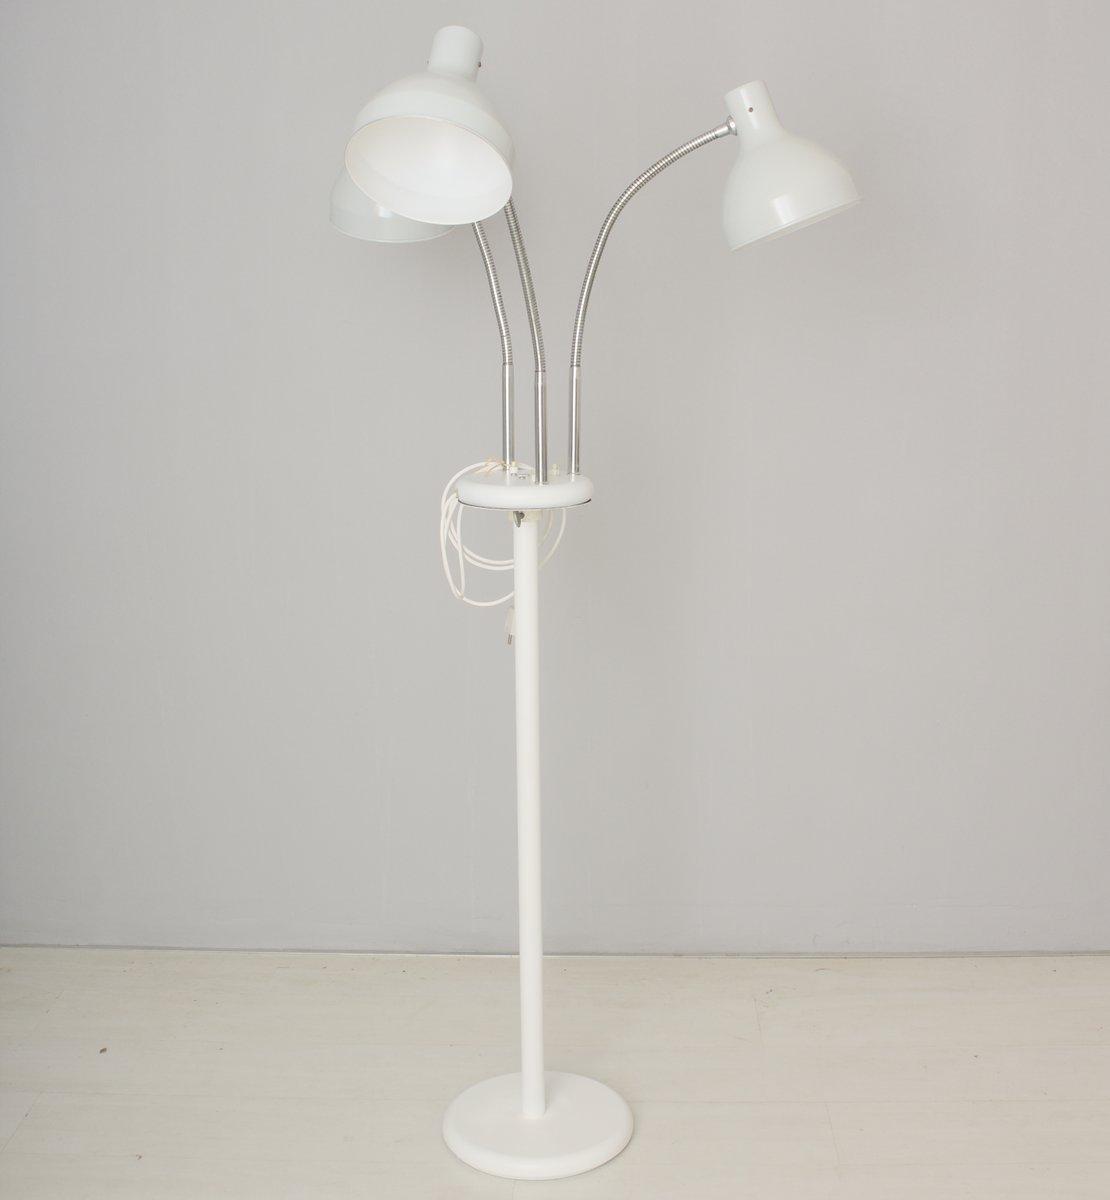 Vintage Arzt Stehlampe mit Drei Leuchten